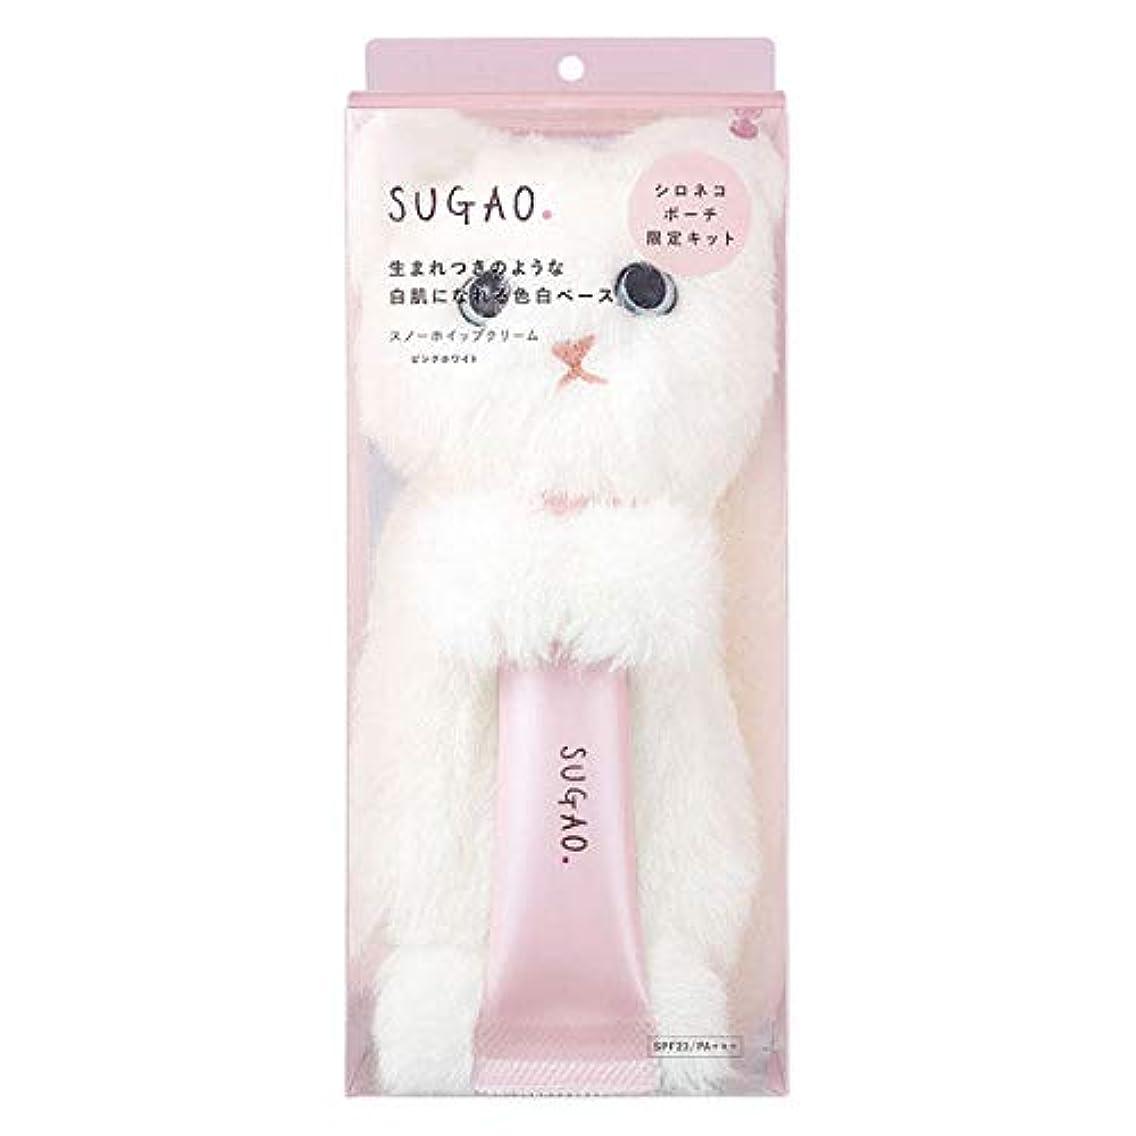 移植オーバードロー認知SUGAO(スガオ) スノーホイップクリーム ピンクホワイト 25g +シロネコぬいぐるみ付き ロート製薬 [並行輸入品]